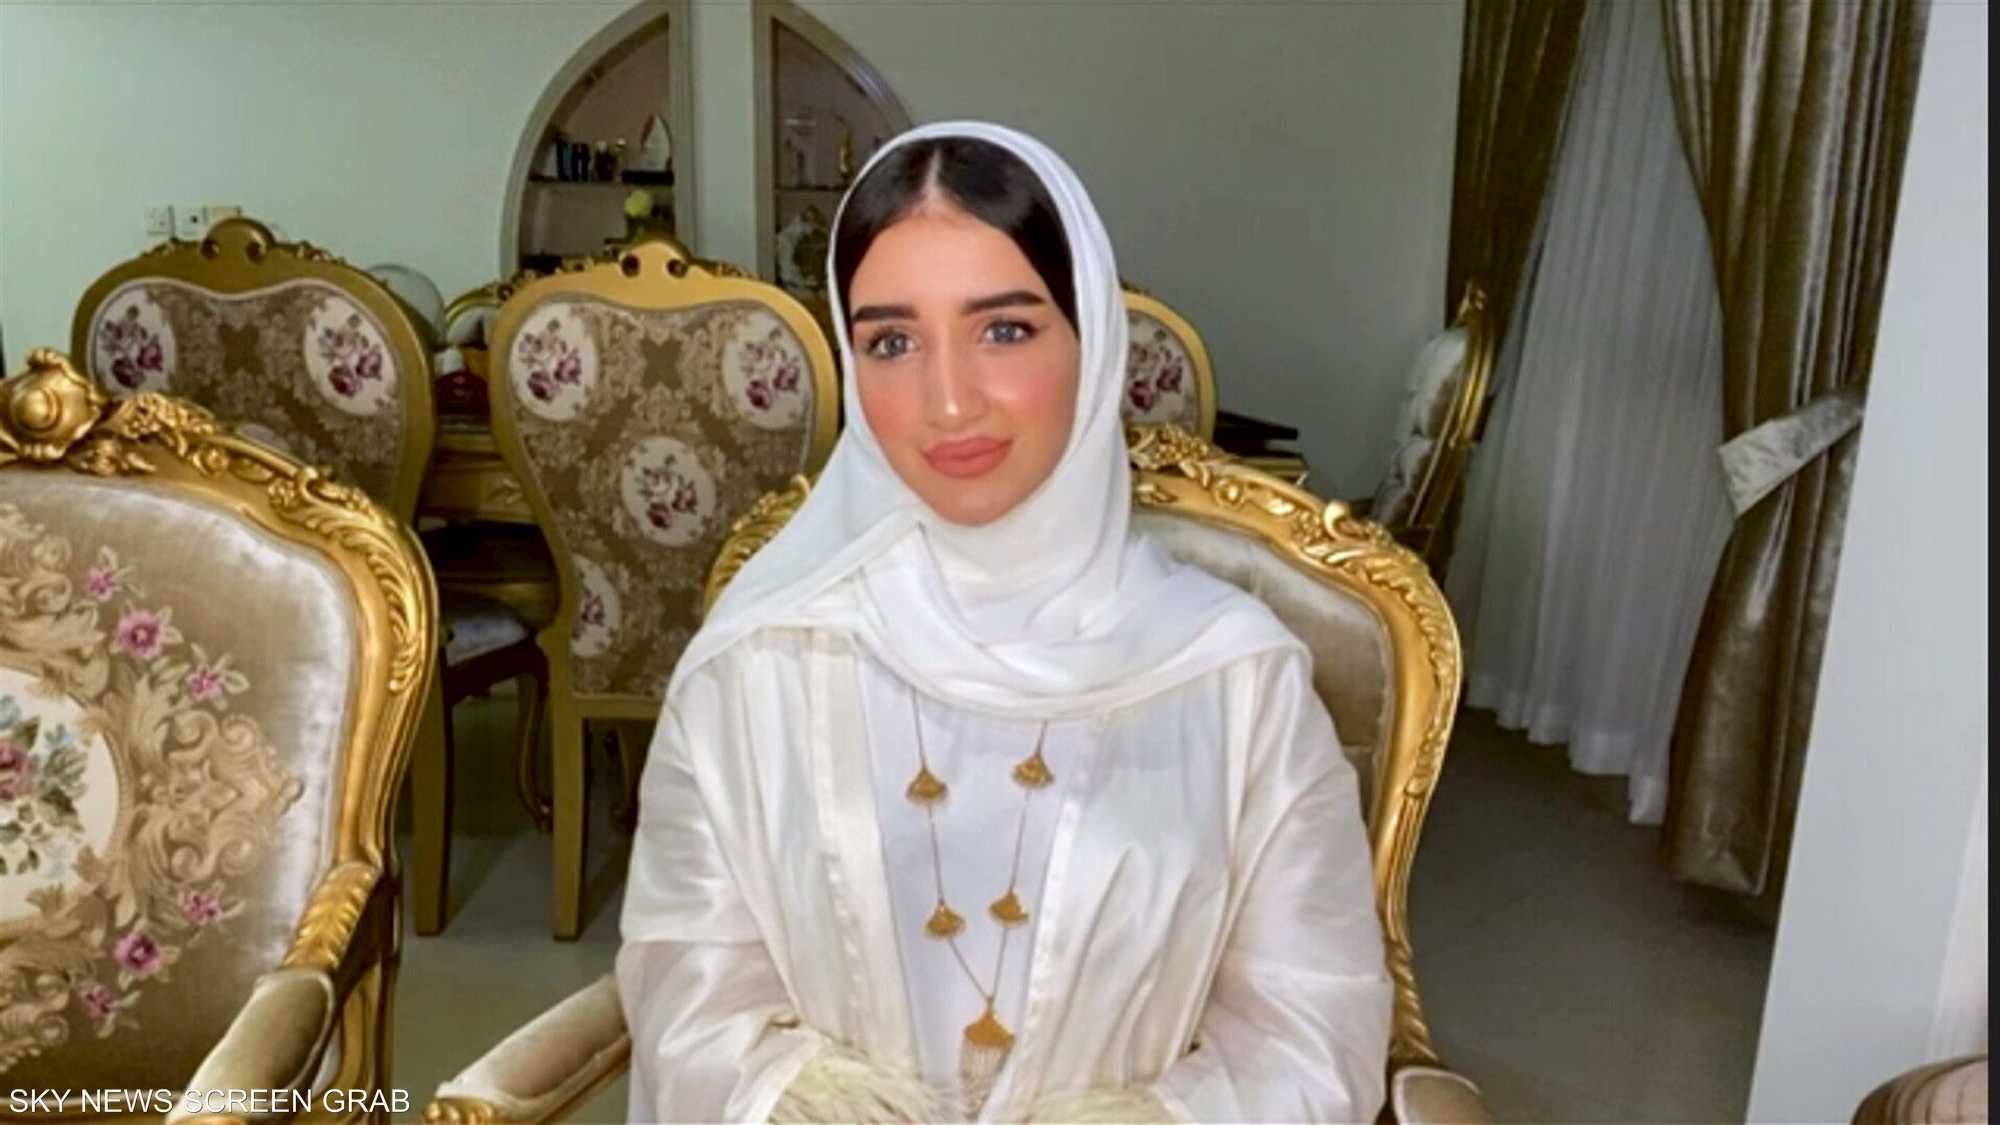 خولة المراغي.. مؤثرة بحرينية وصانعة محتوى في مجال الموضة